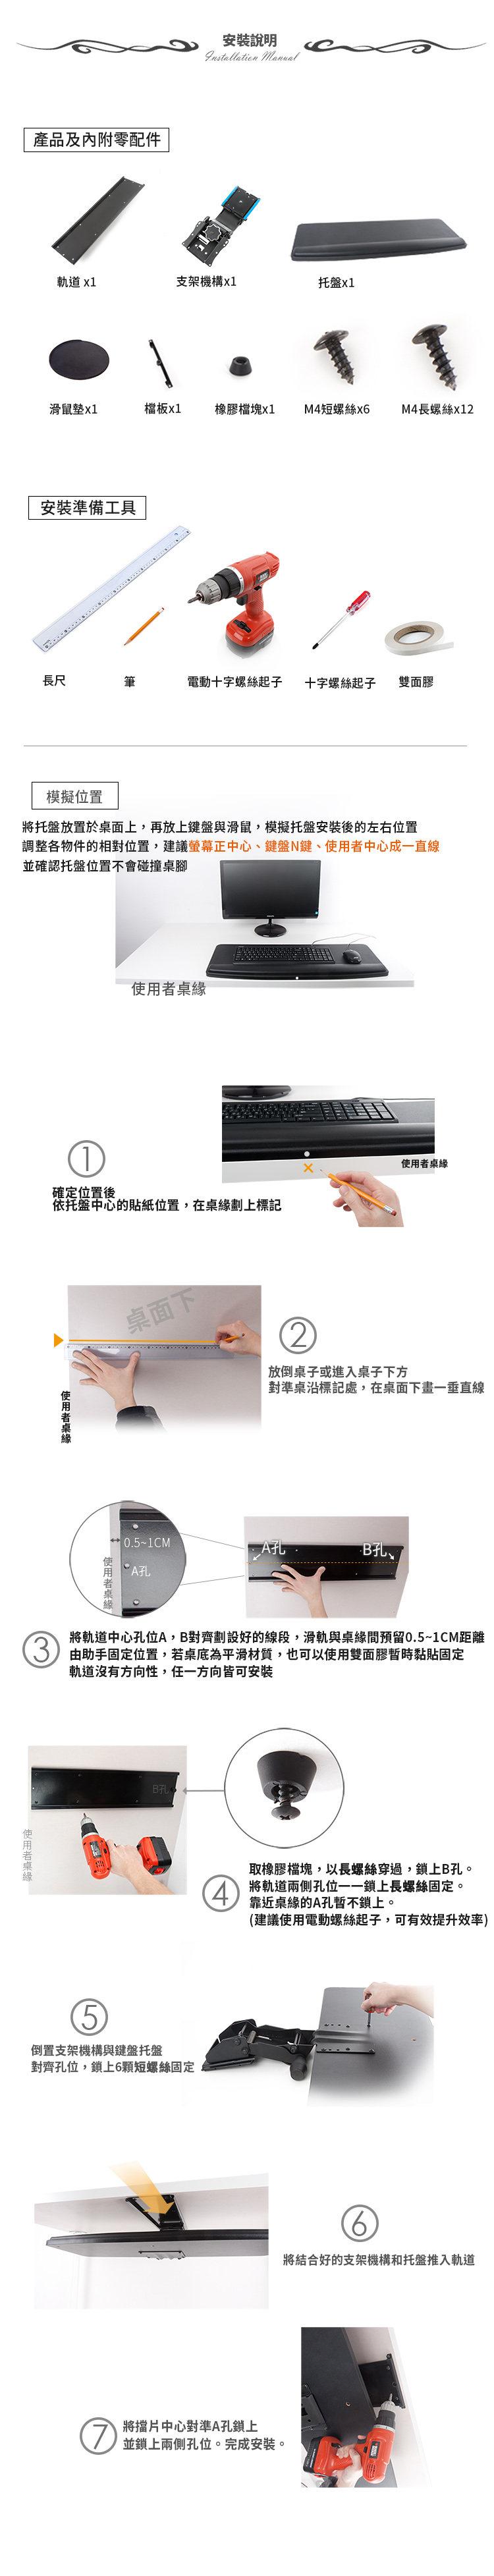 鍵盤架安裝方式